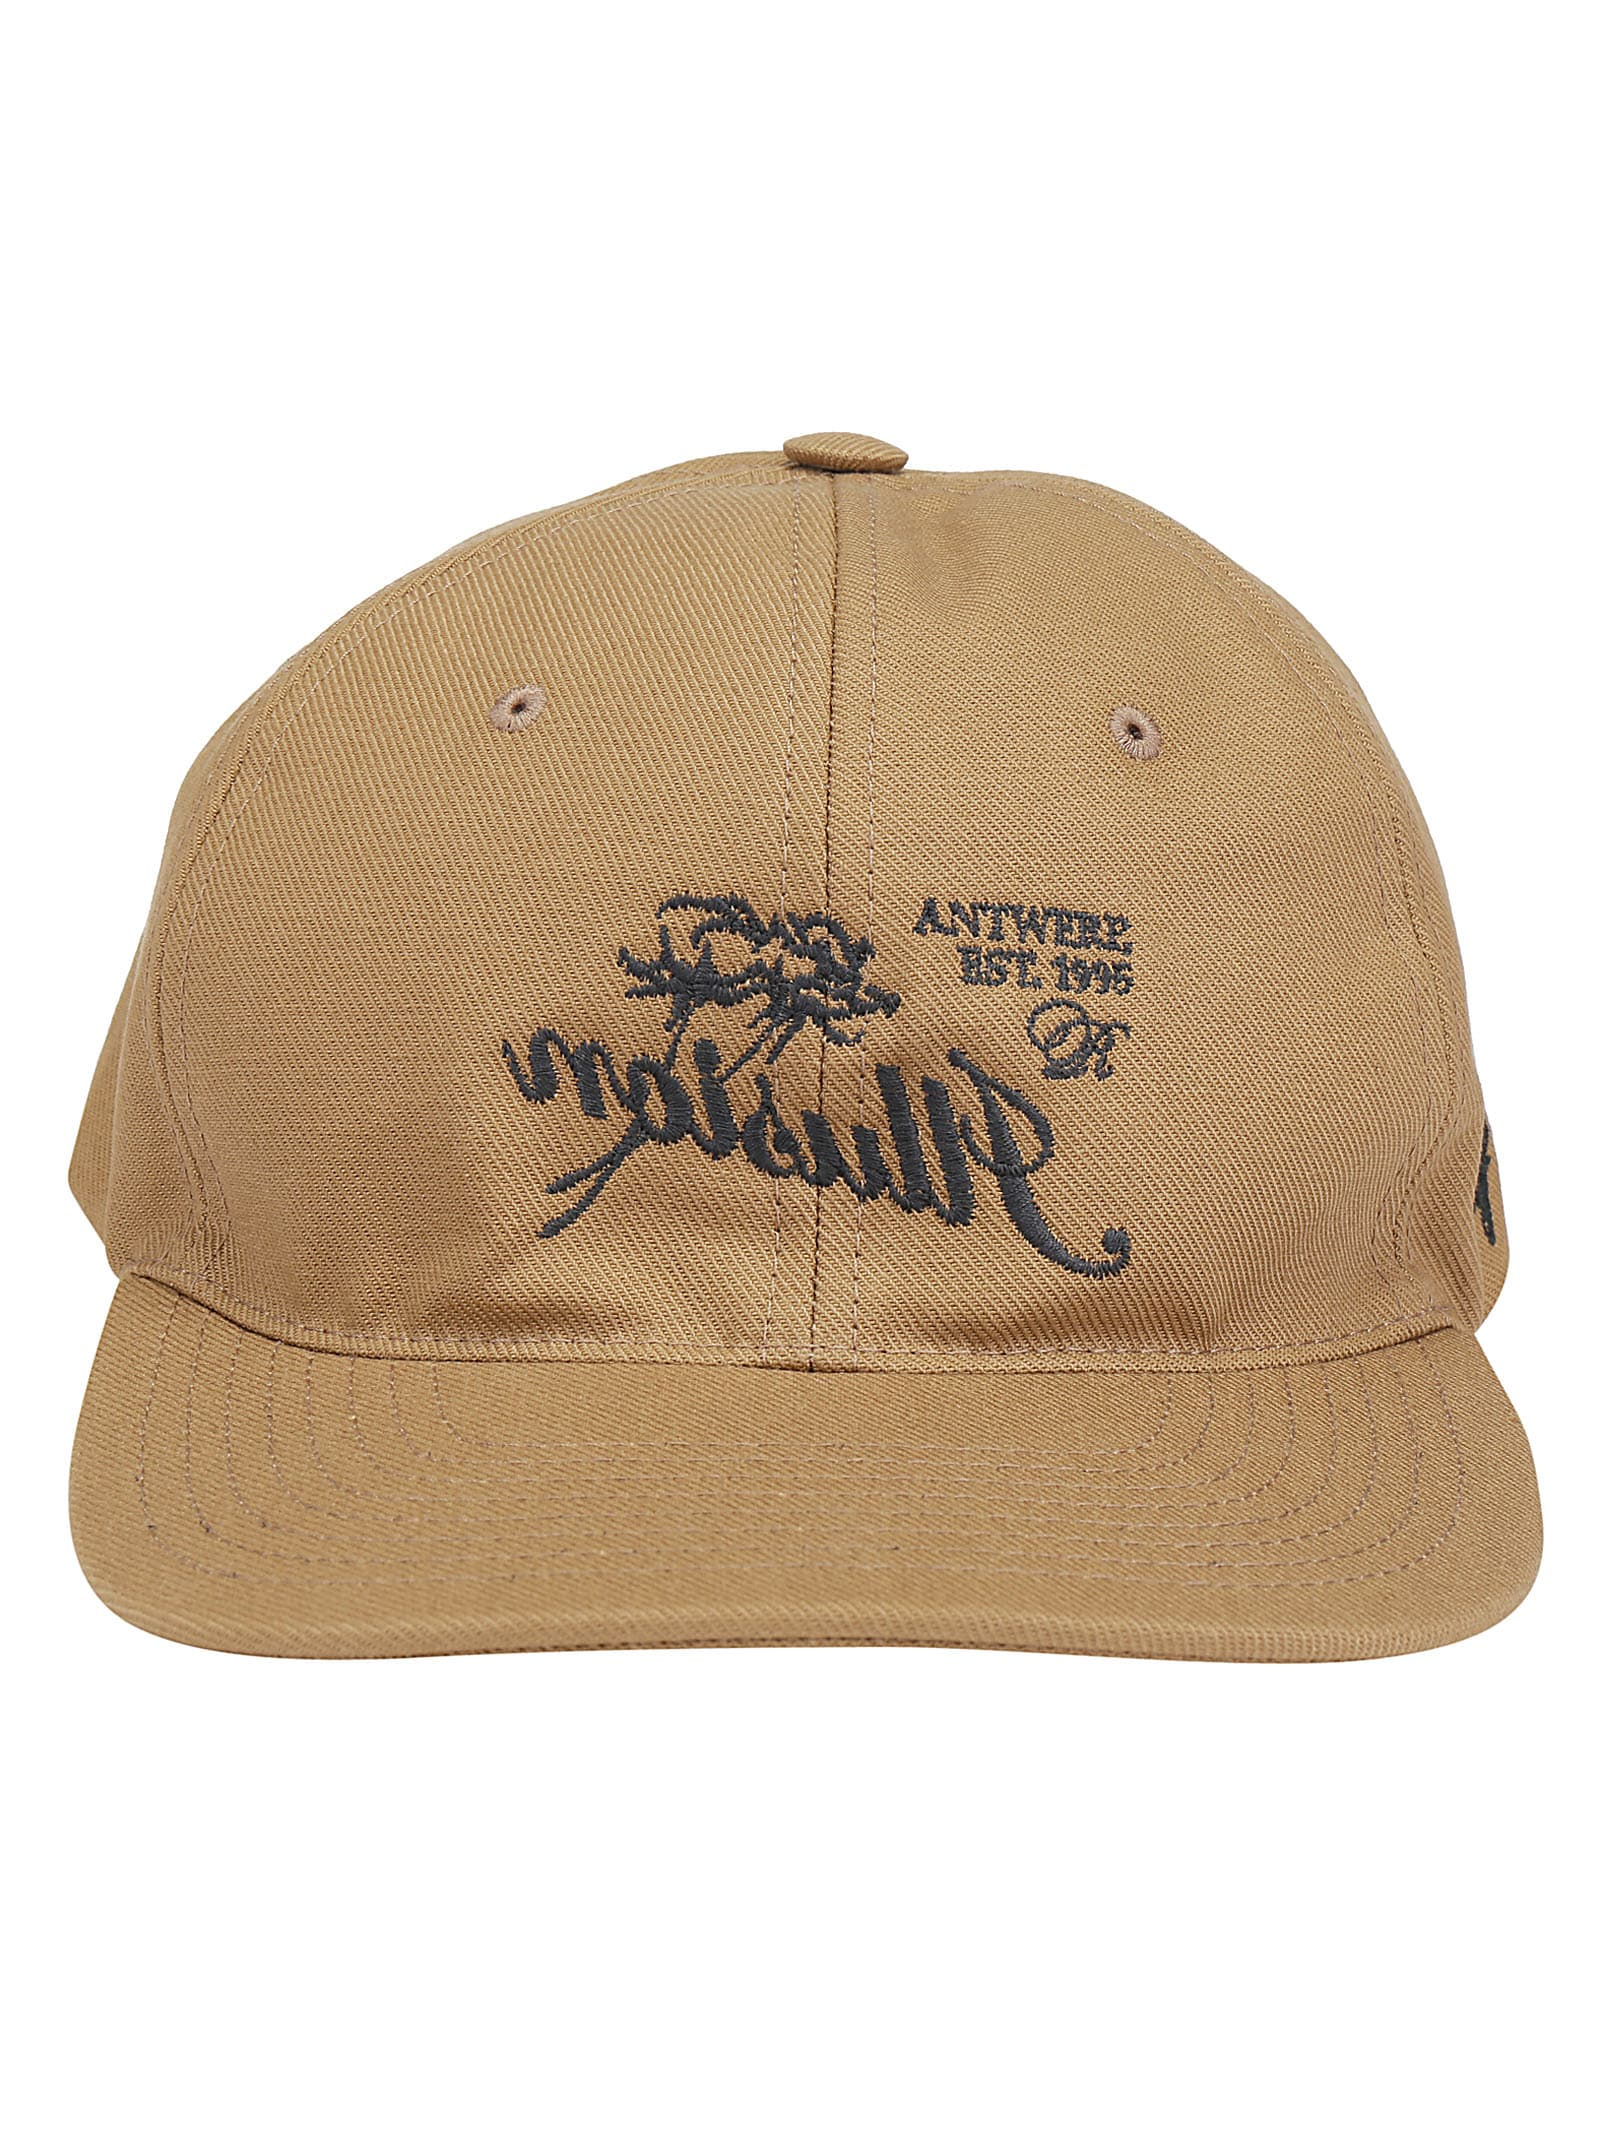 Raf Simons Baseball Hat In Camel